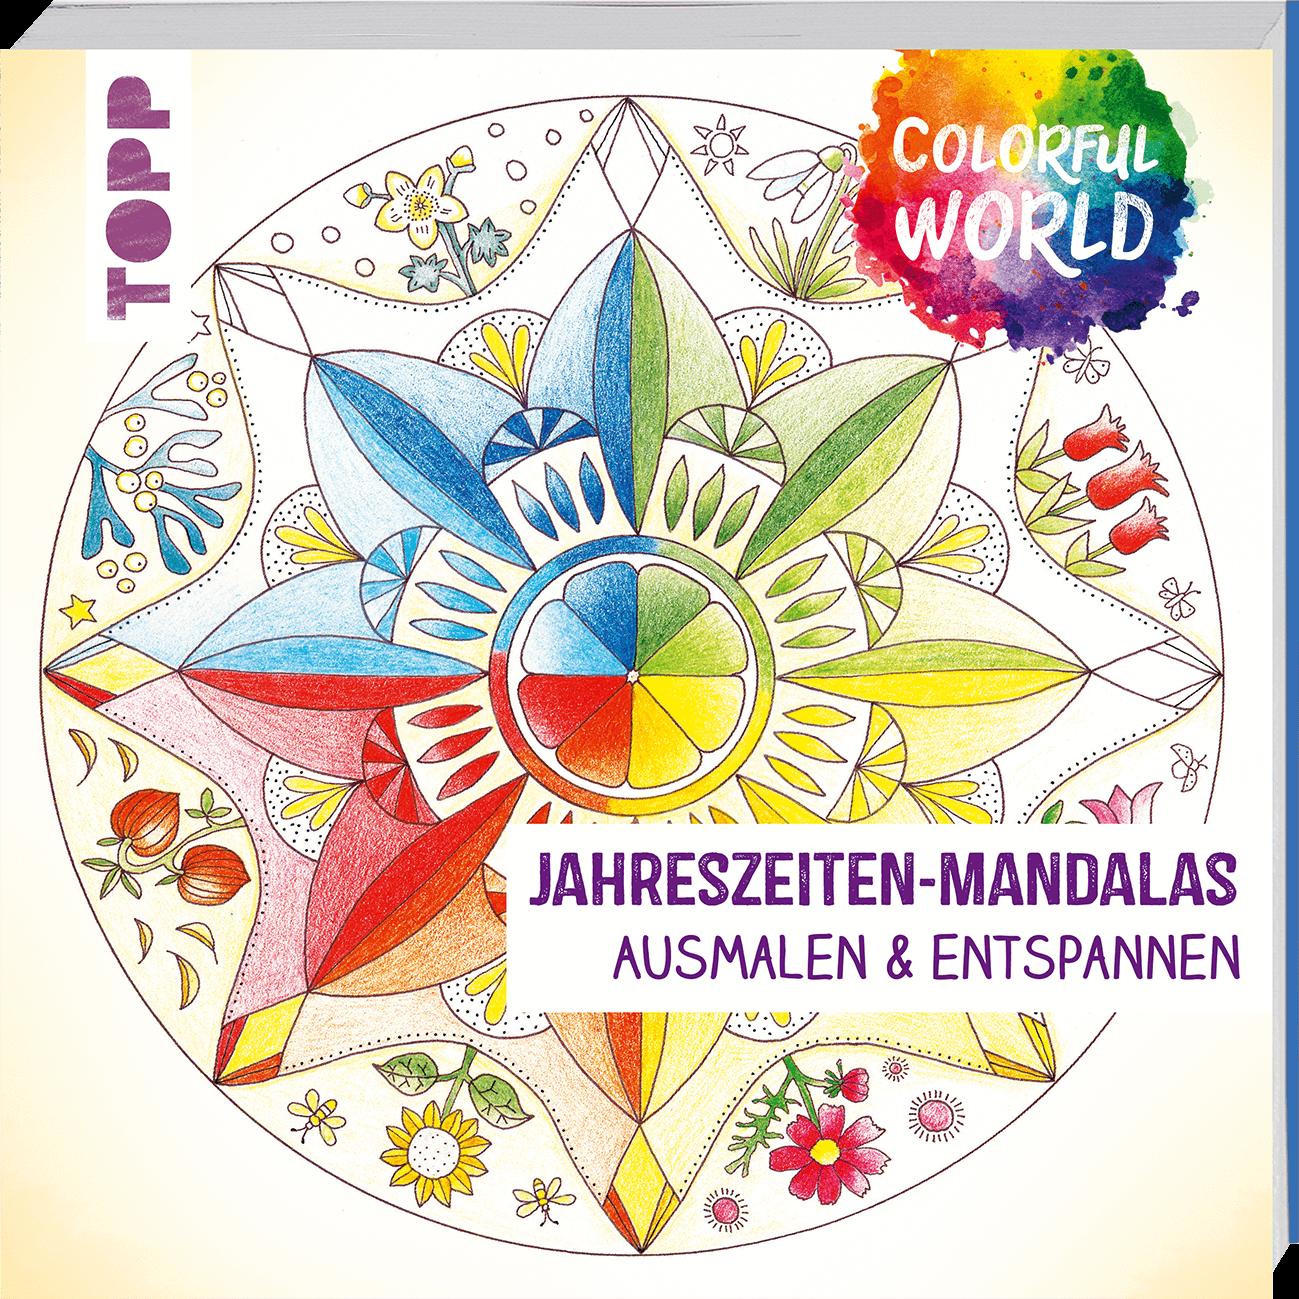 colorful world  jahreszeitenmandalas  ausmalbilder von topp